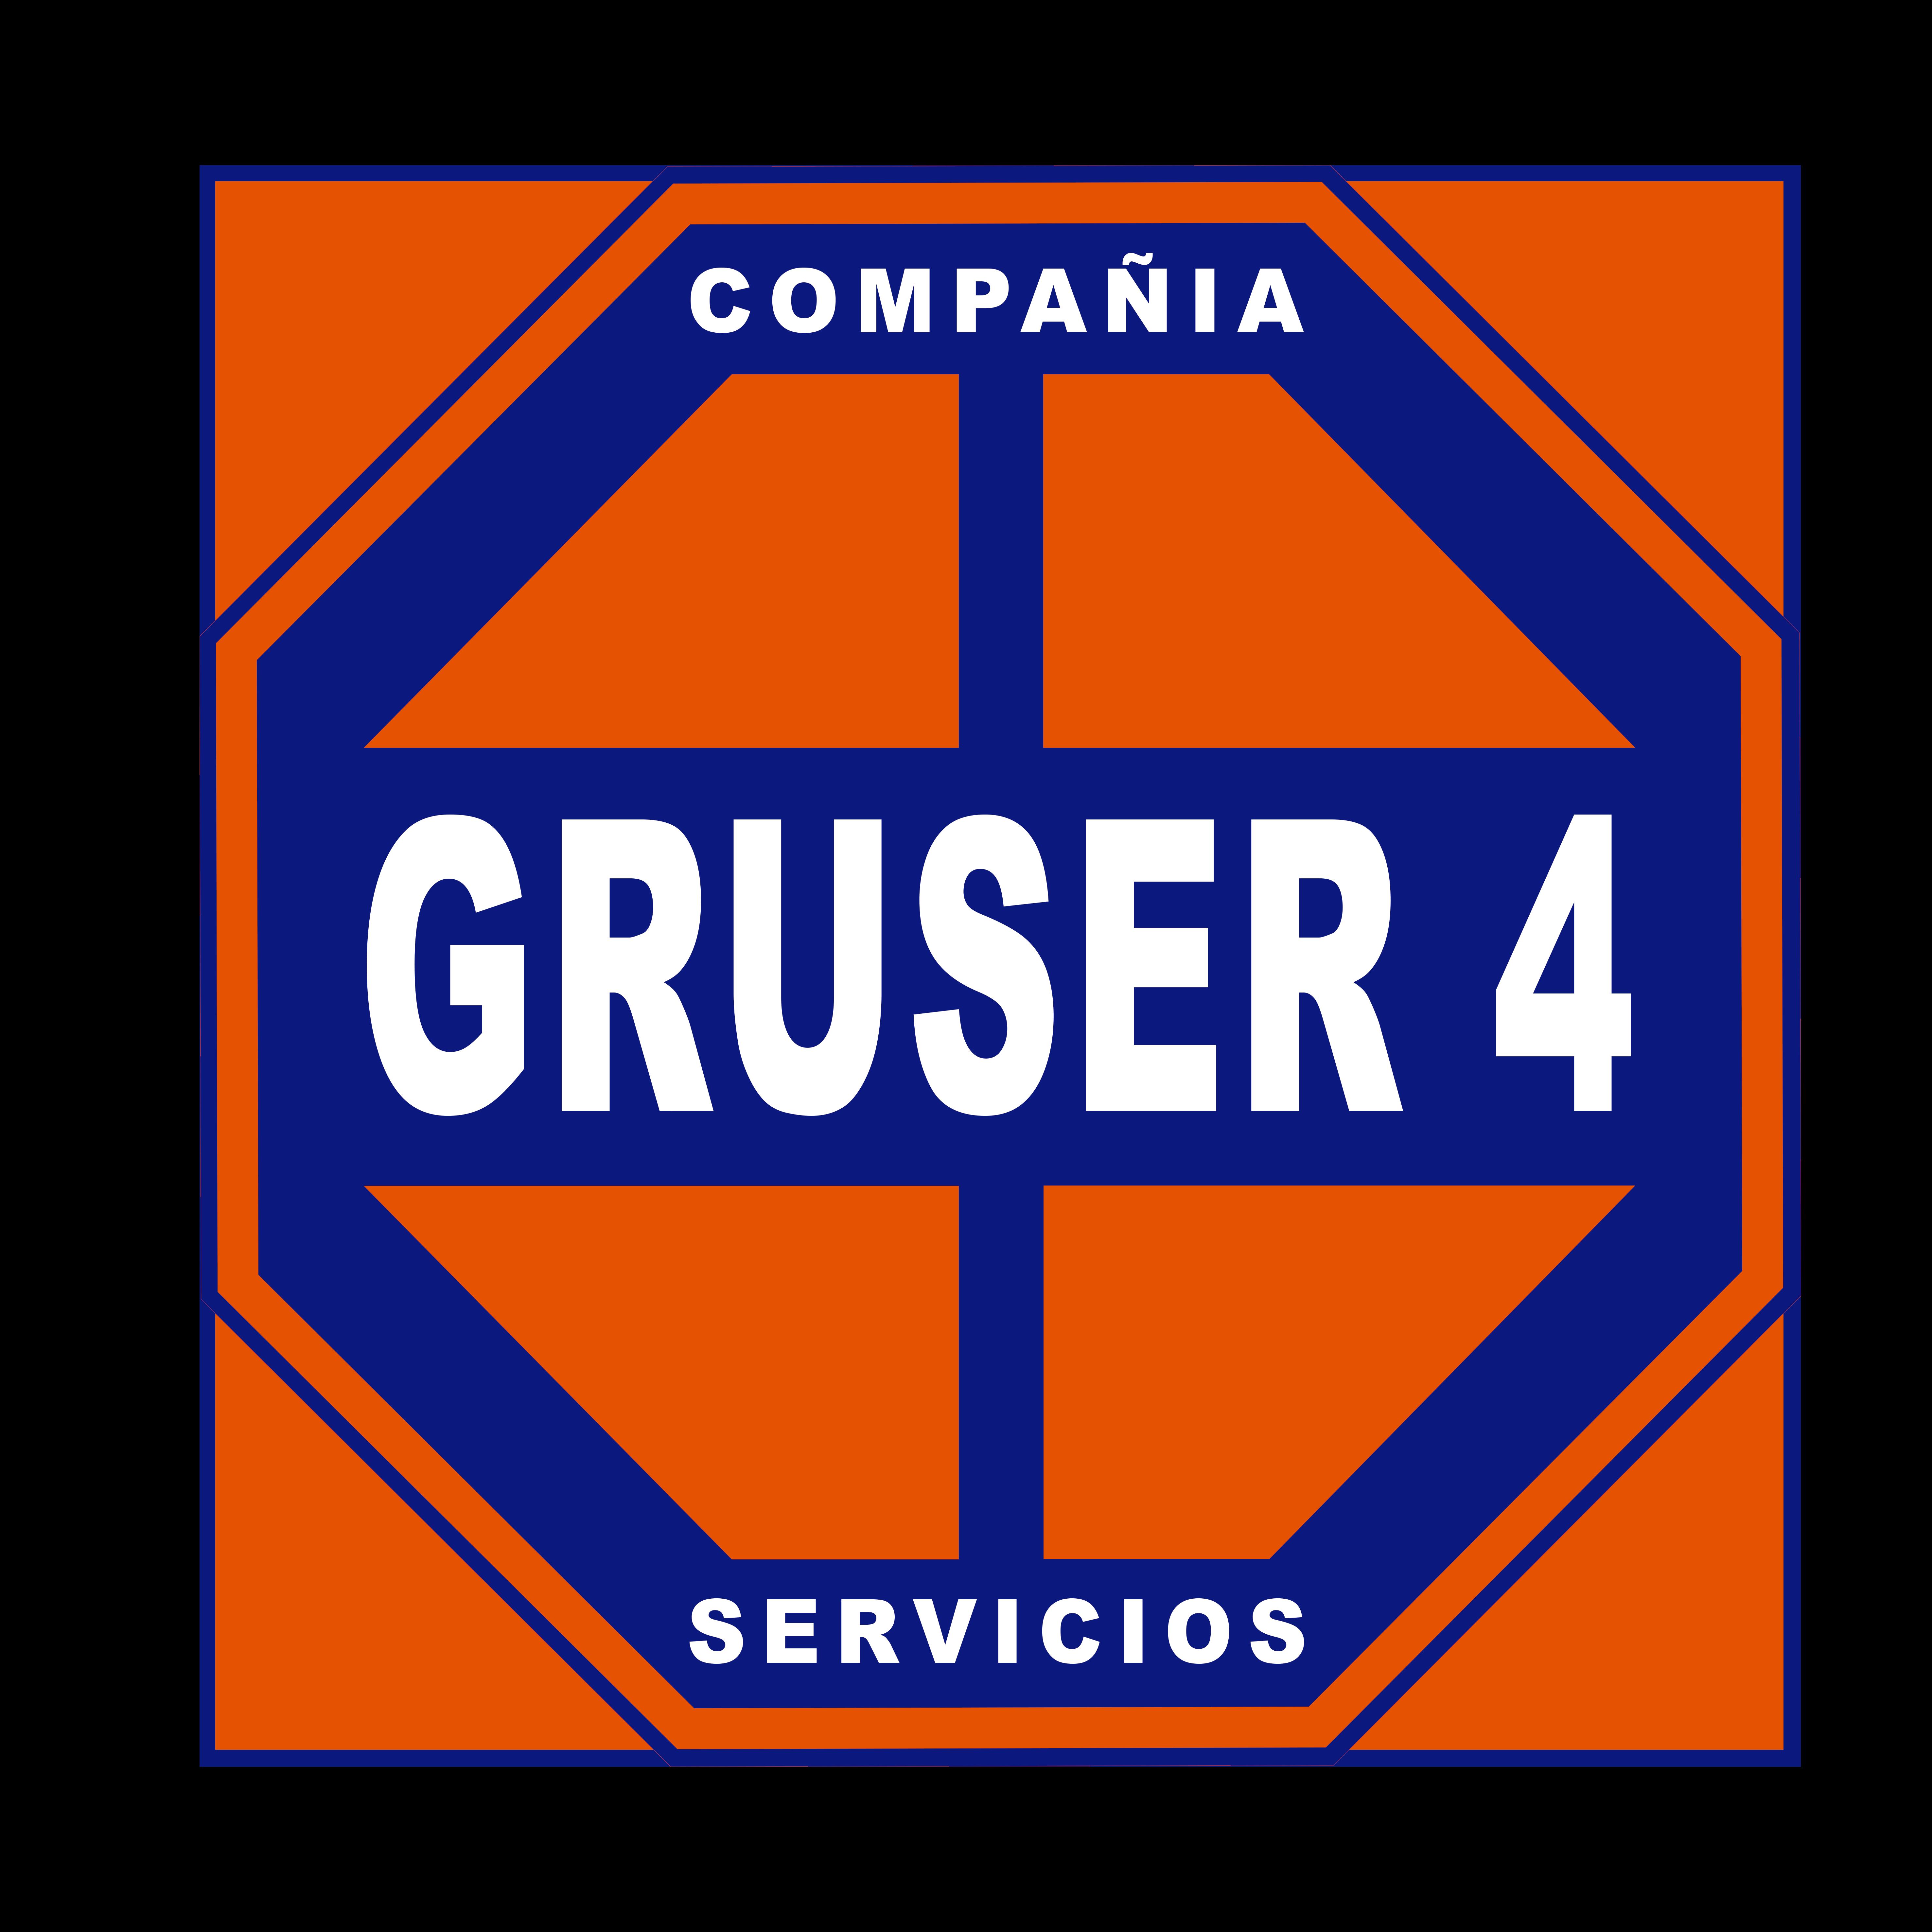 GRUSER4